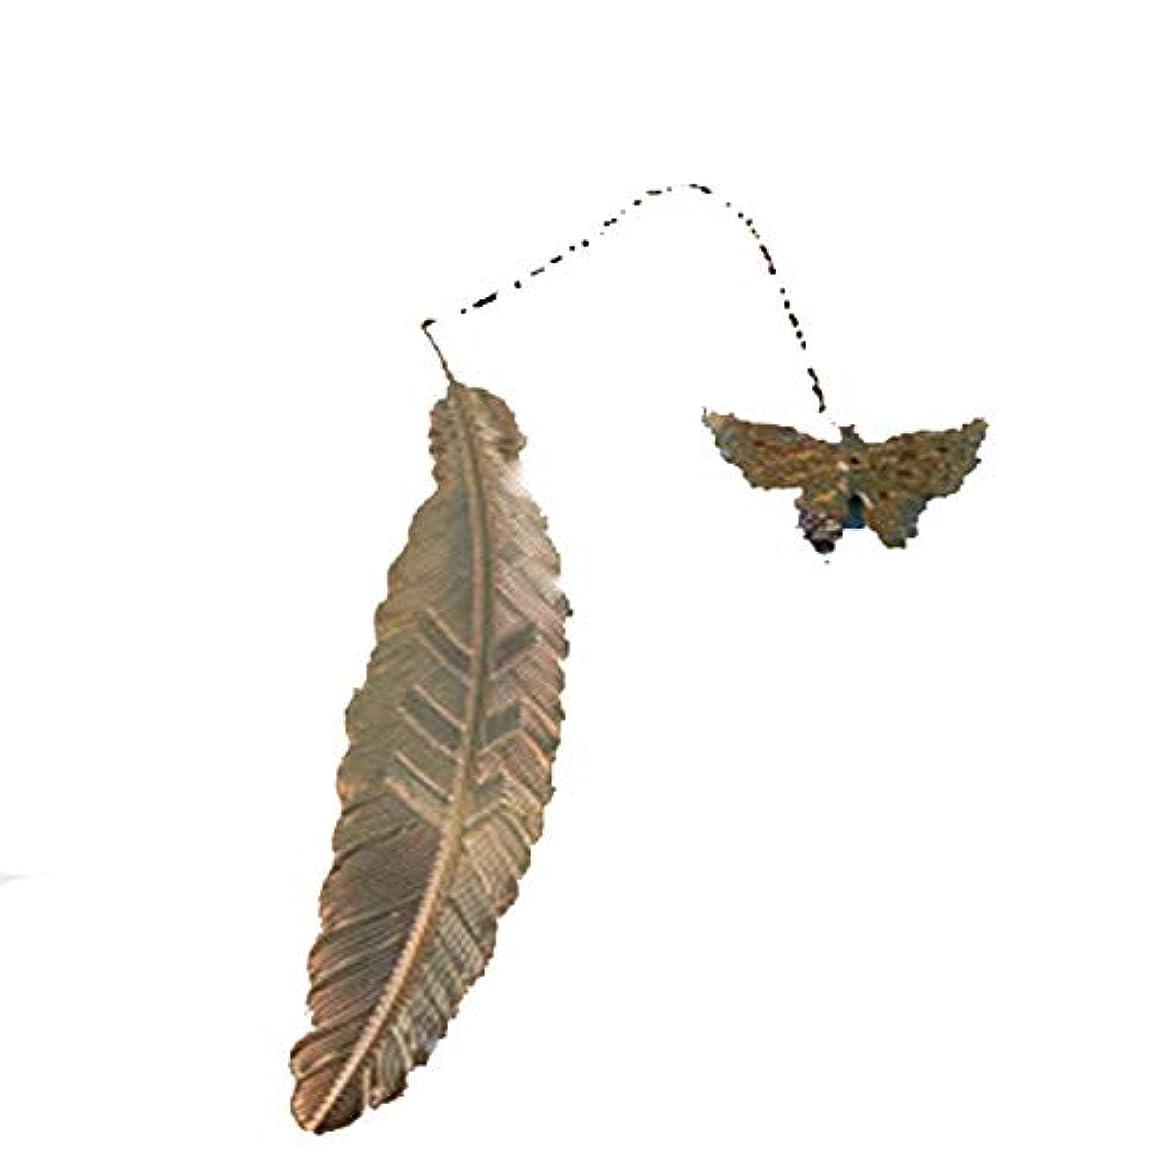 欠点威信不安Kaiyitong01 520ギフト学校贈り物誕生日プレゼント女の子のバレンタインデープレゼントガールフレンドの創造的な揺れの声実用的な贈り物Jinyu + Butterfly + Gift Box,絶妙なファッション...